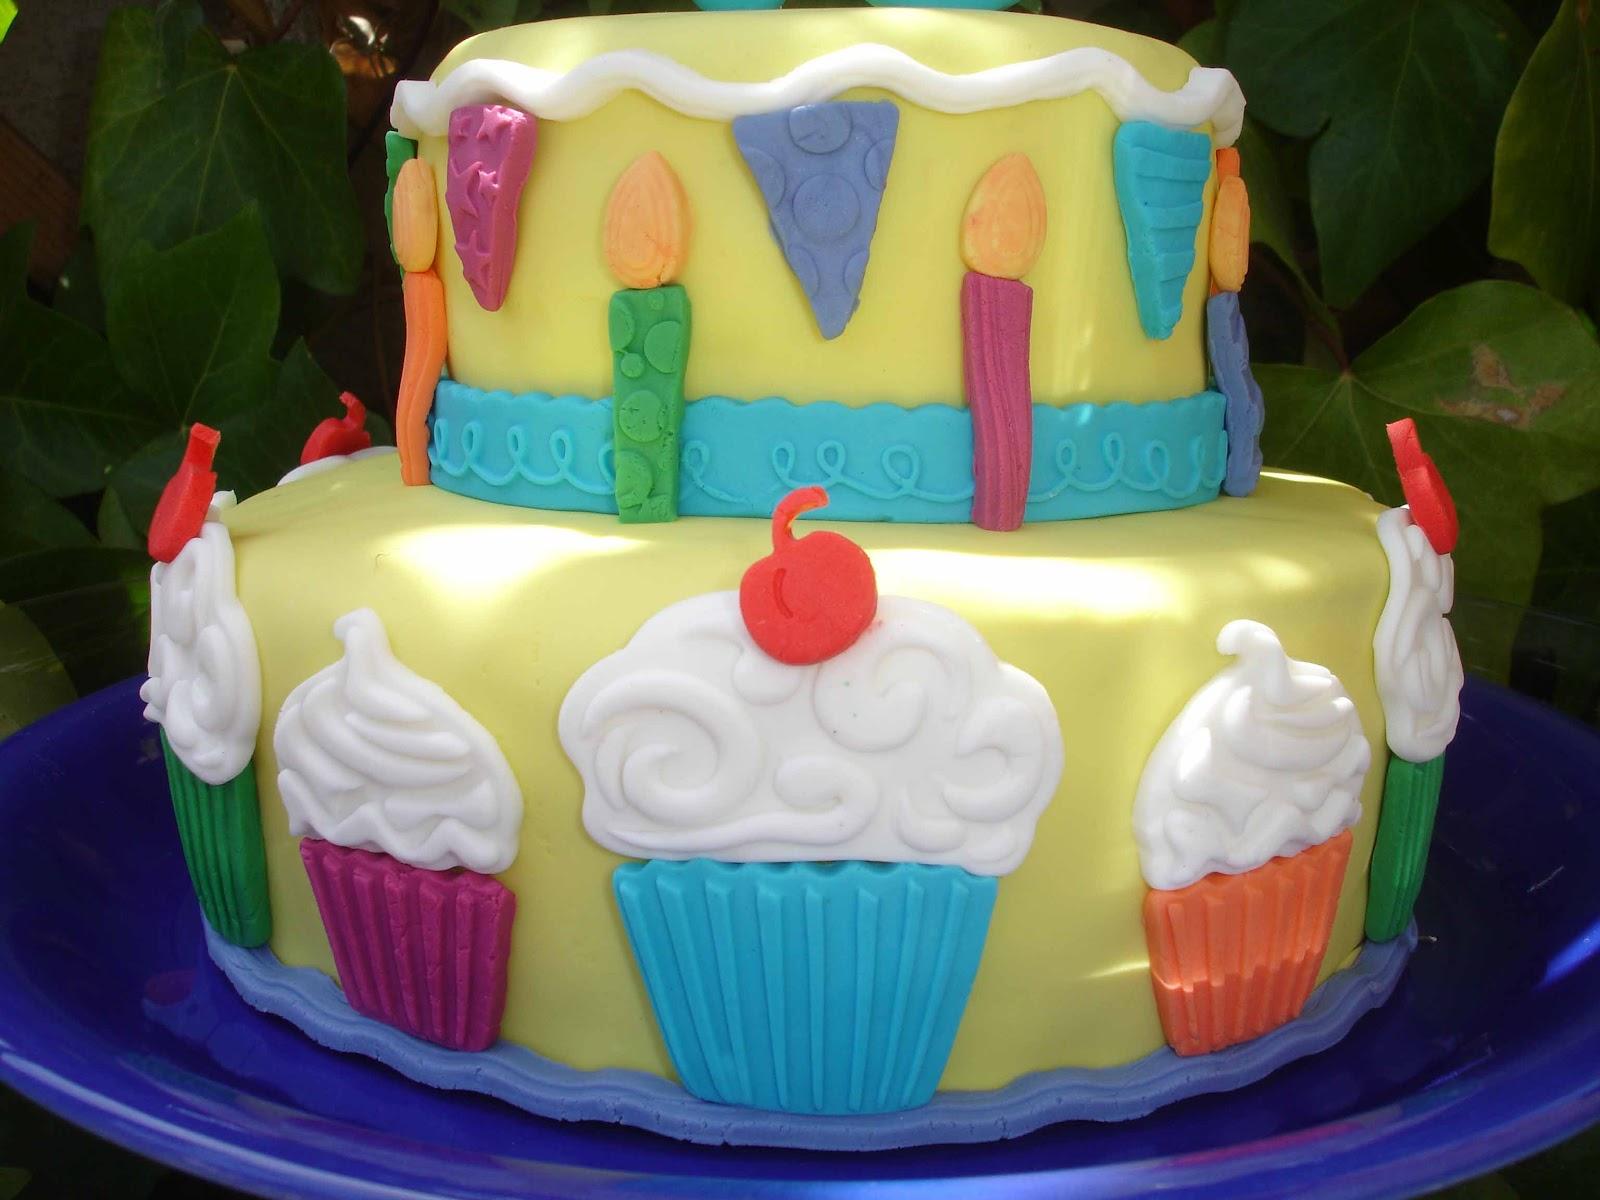 Bizcocho de cumpleanos cake ideas and designs - Bizcochos para cumpleanos ...